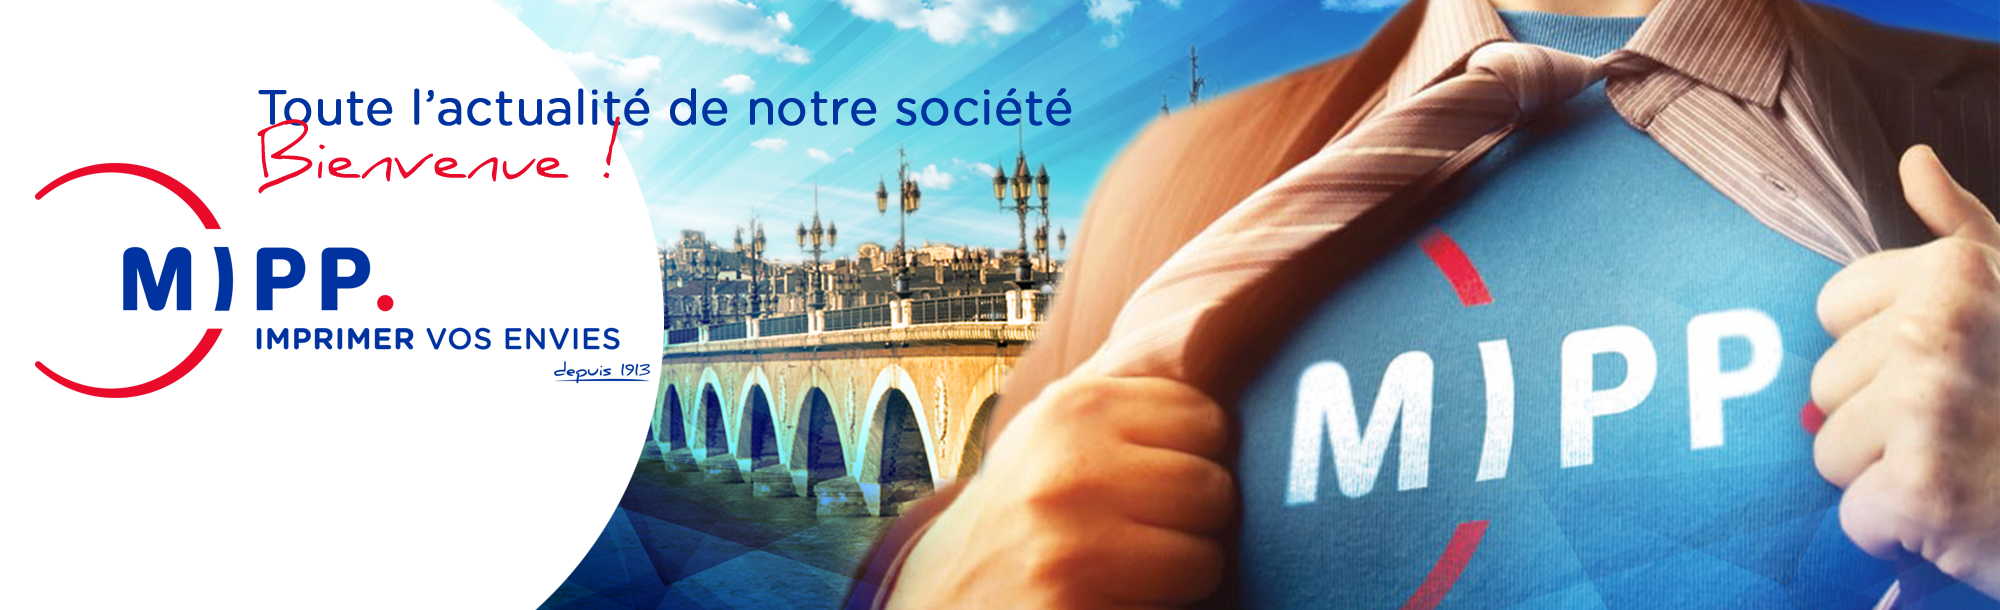 La mipp.fr